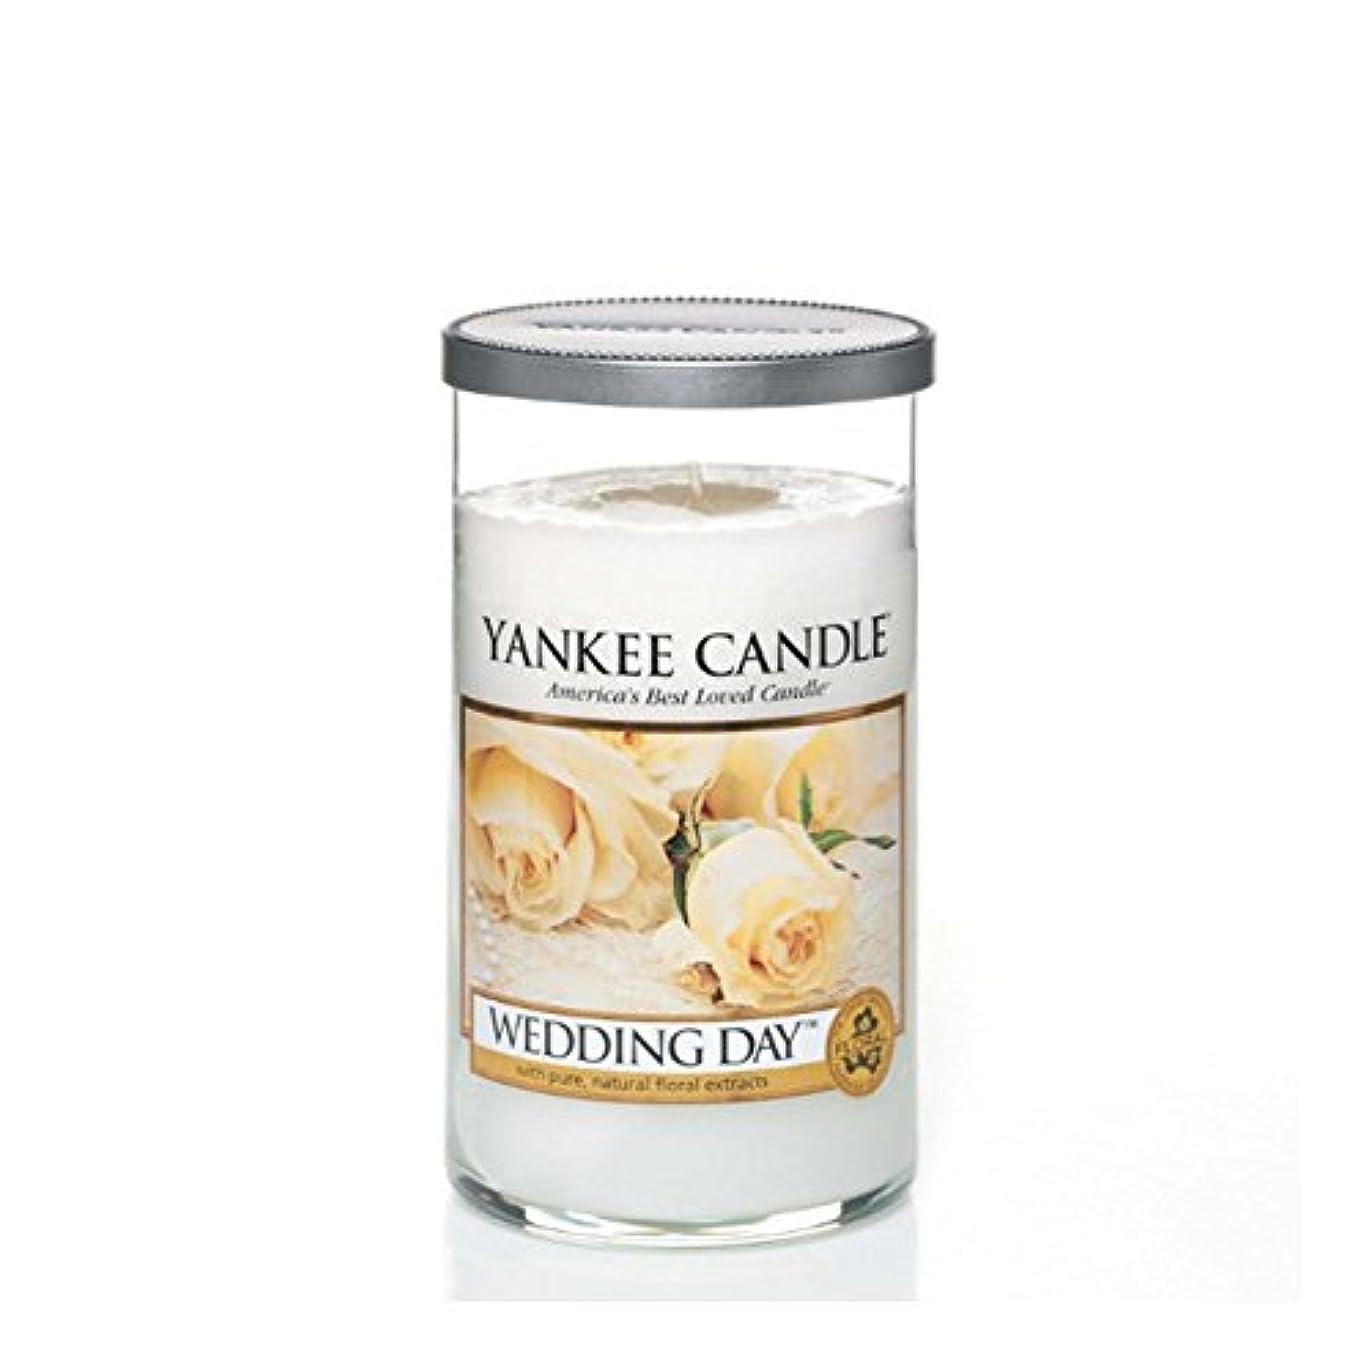 祖父母を訪問等価うめきヤンキーキャンドルメディアピラーキャンドル - 結婚式の日 - Yankee Candles Medium Pillar Candle - Wedding Day (Yankee Candles) [並行輸入品]